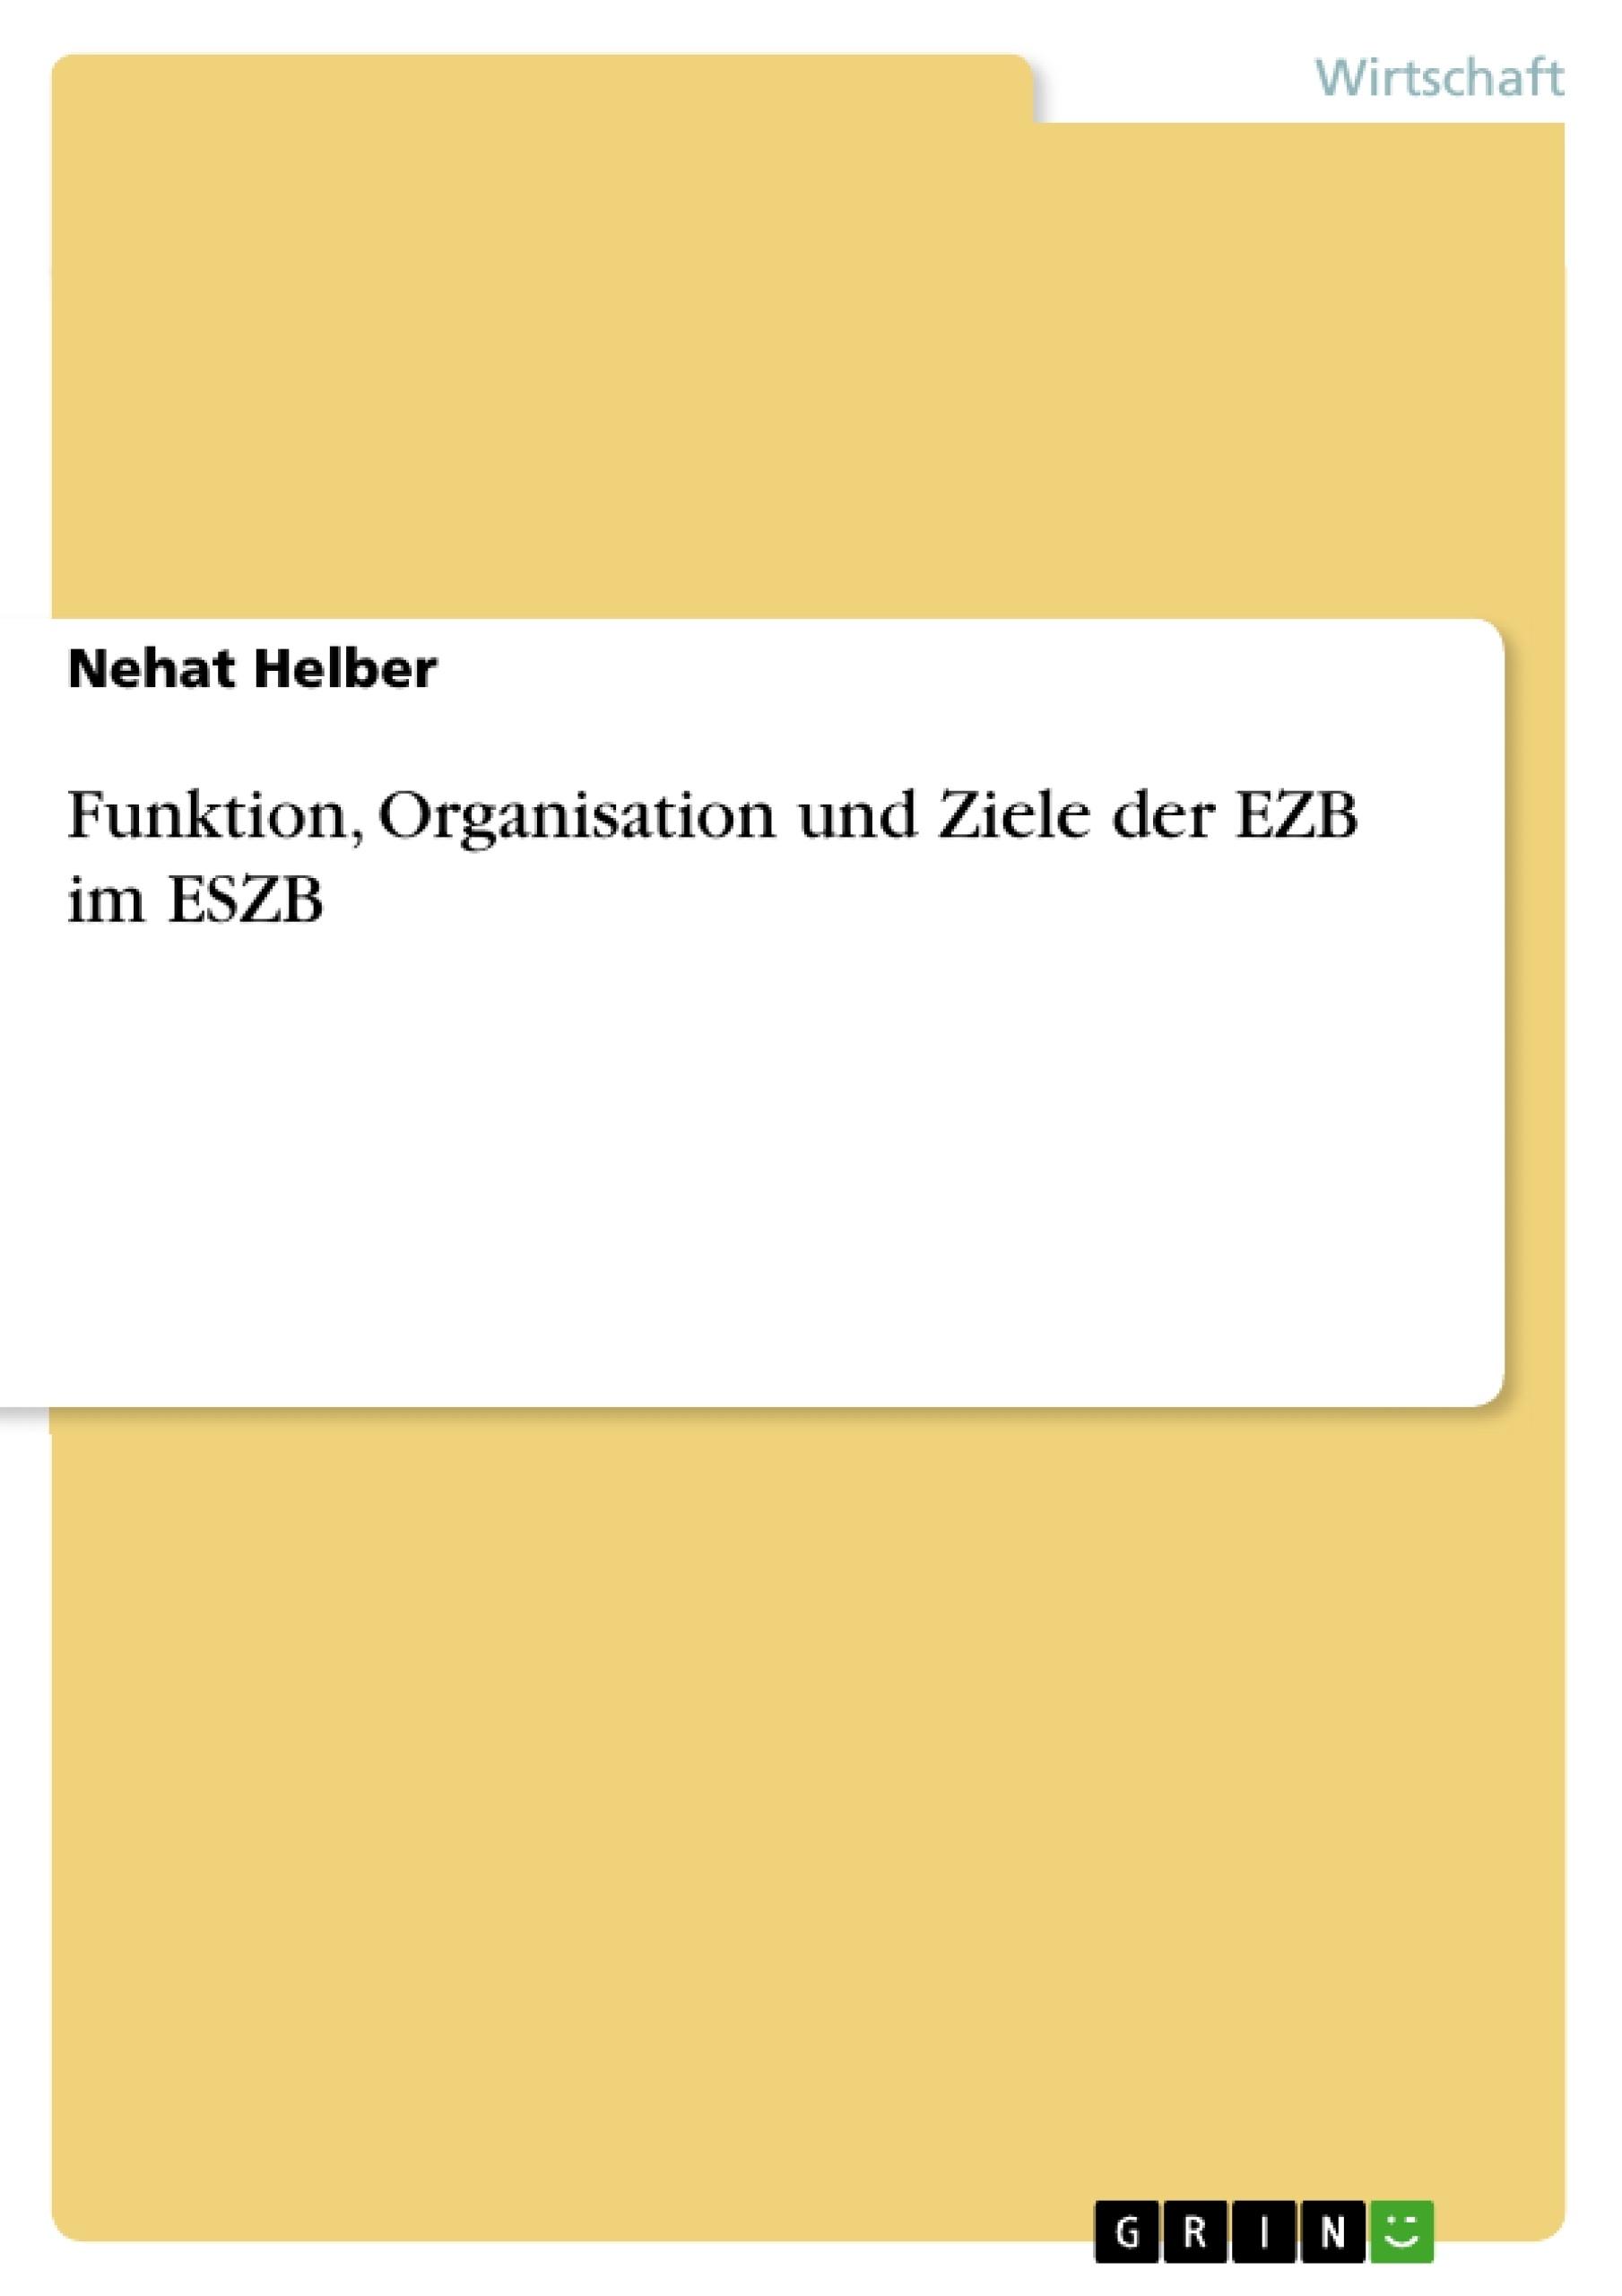 Titel: Funktion, Organisation und Ziele der EZB im ESZB